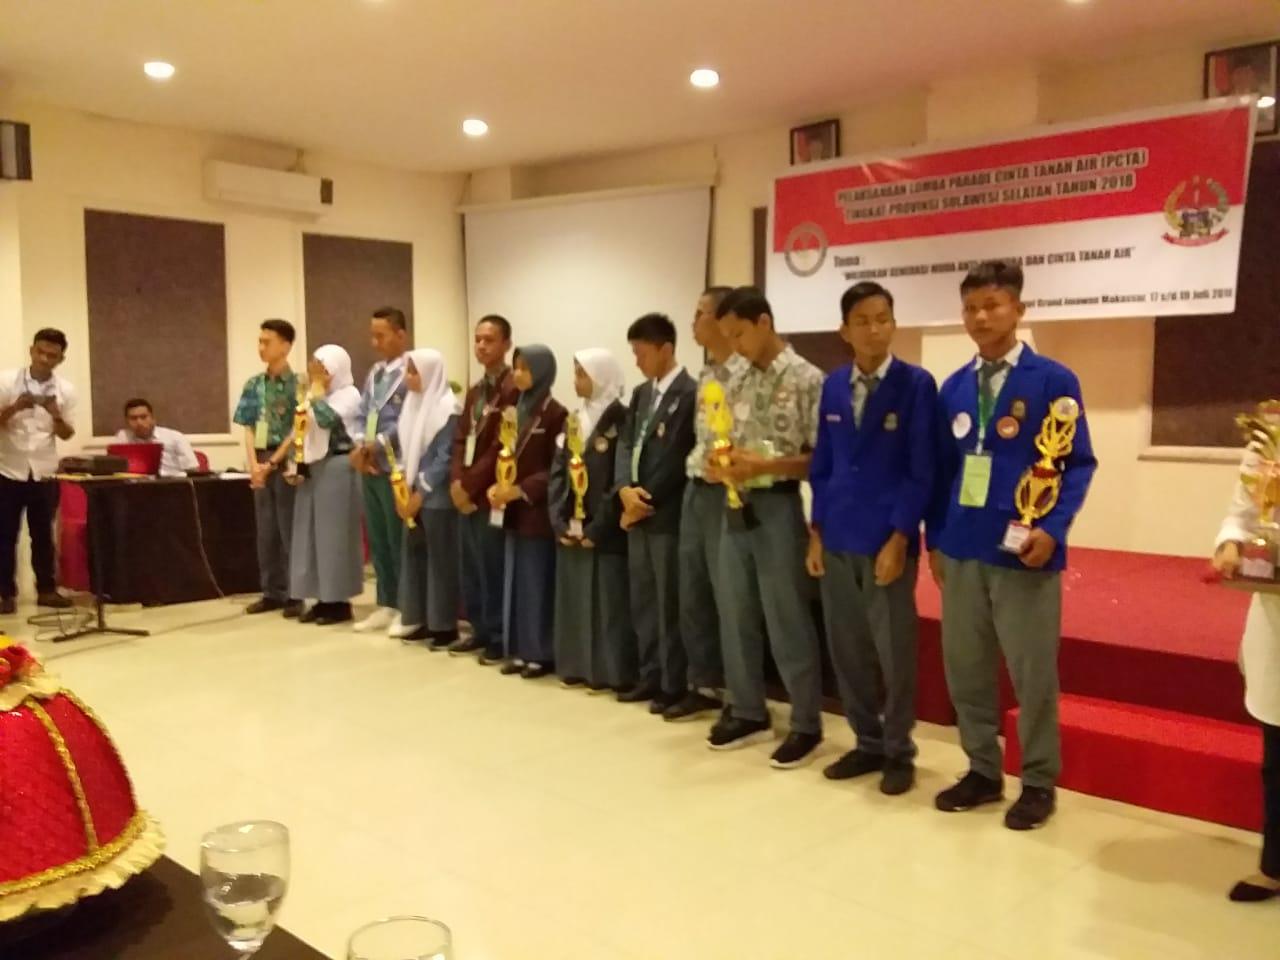 Juara Harapan III Parade Cinta Tanah Air Tingkat Provinsi Sulawesi Selatan